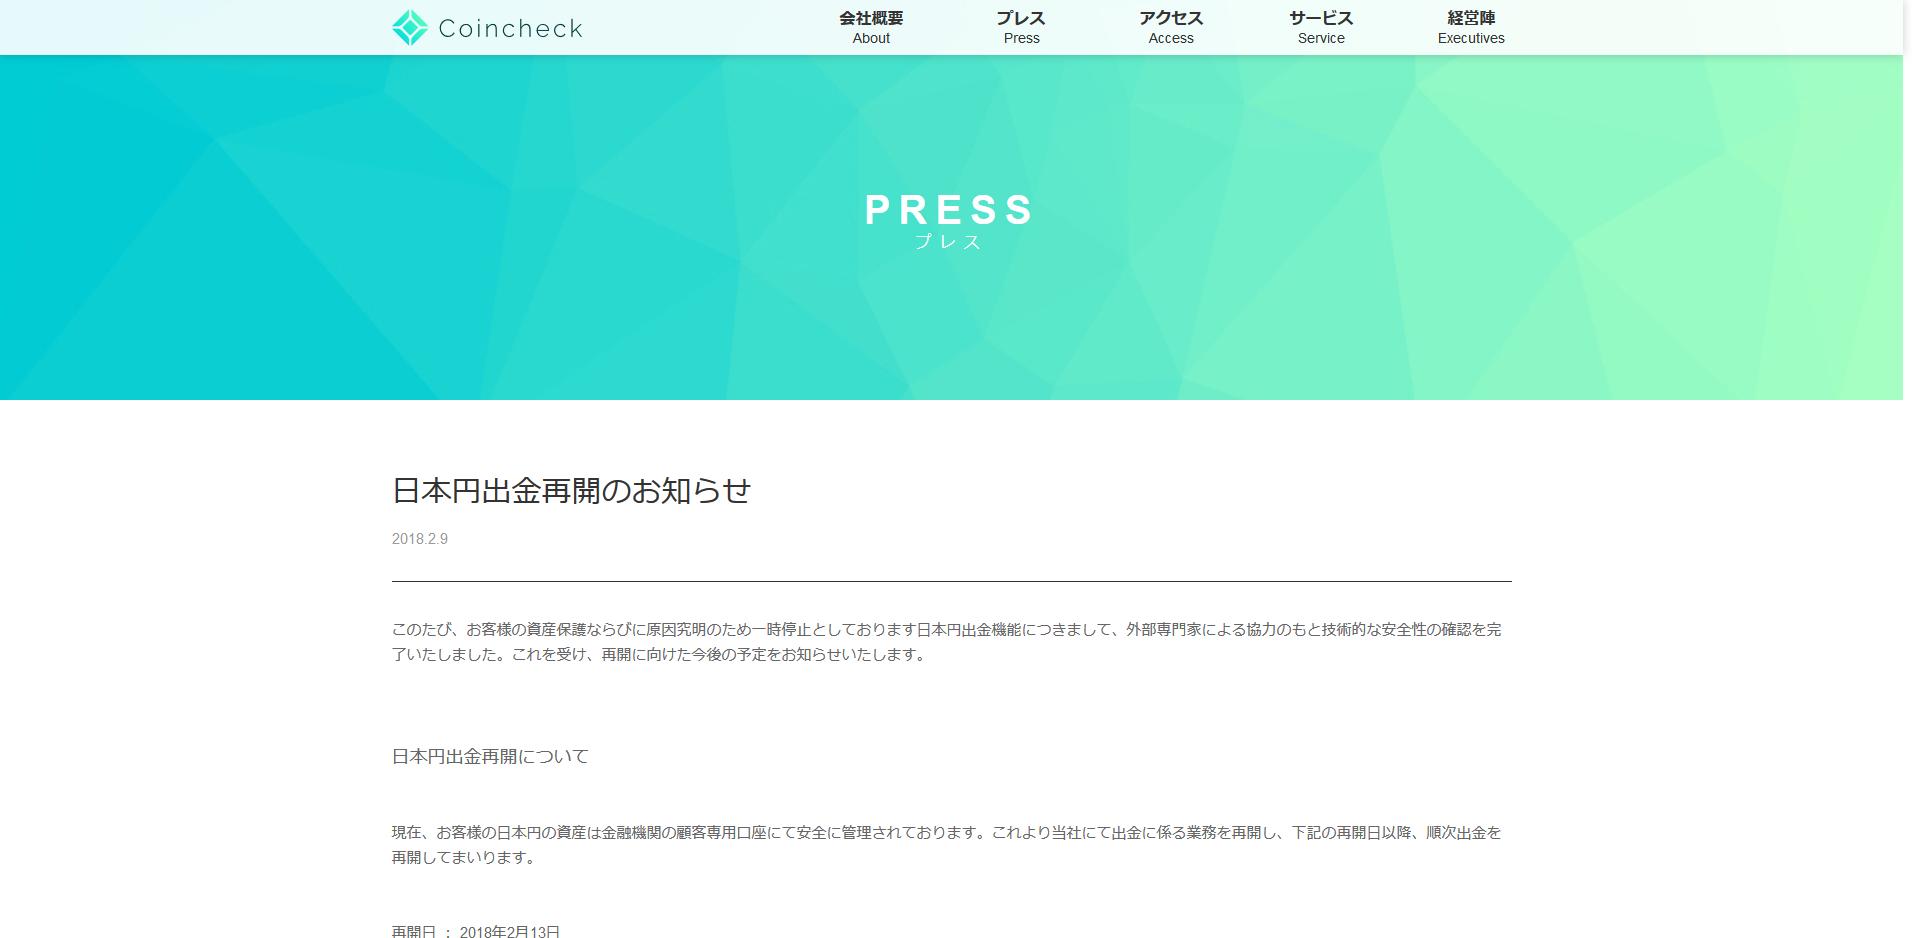 日本円出金再開のお知らせ コインチェック株式会社